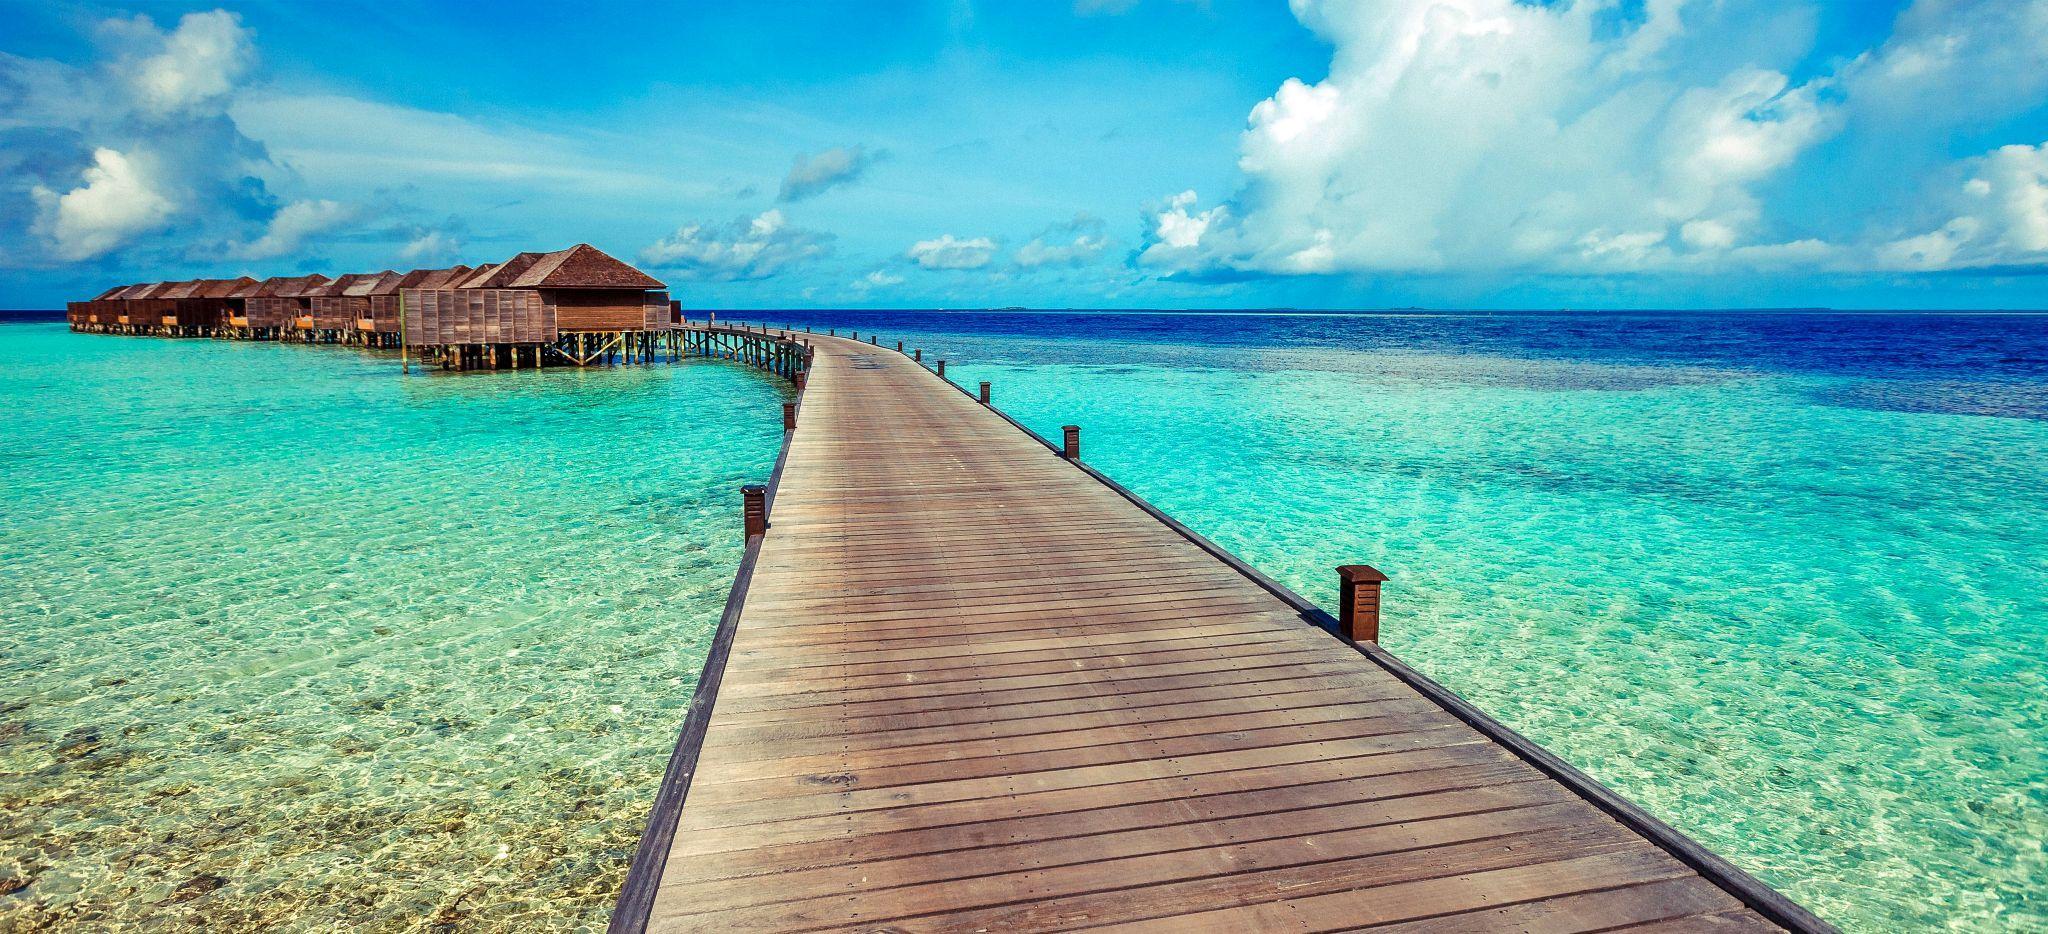 Ein langer Steg in der Lagune der Malediveninsel Lily Beach mit den Wasservillen des Hotels